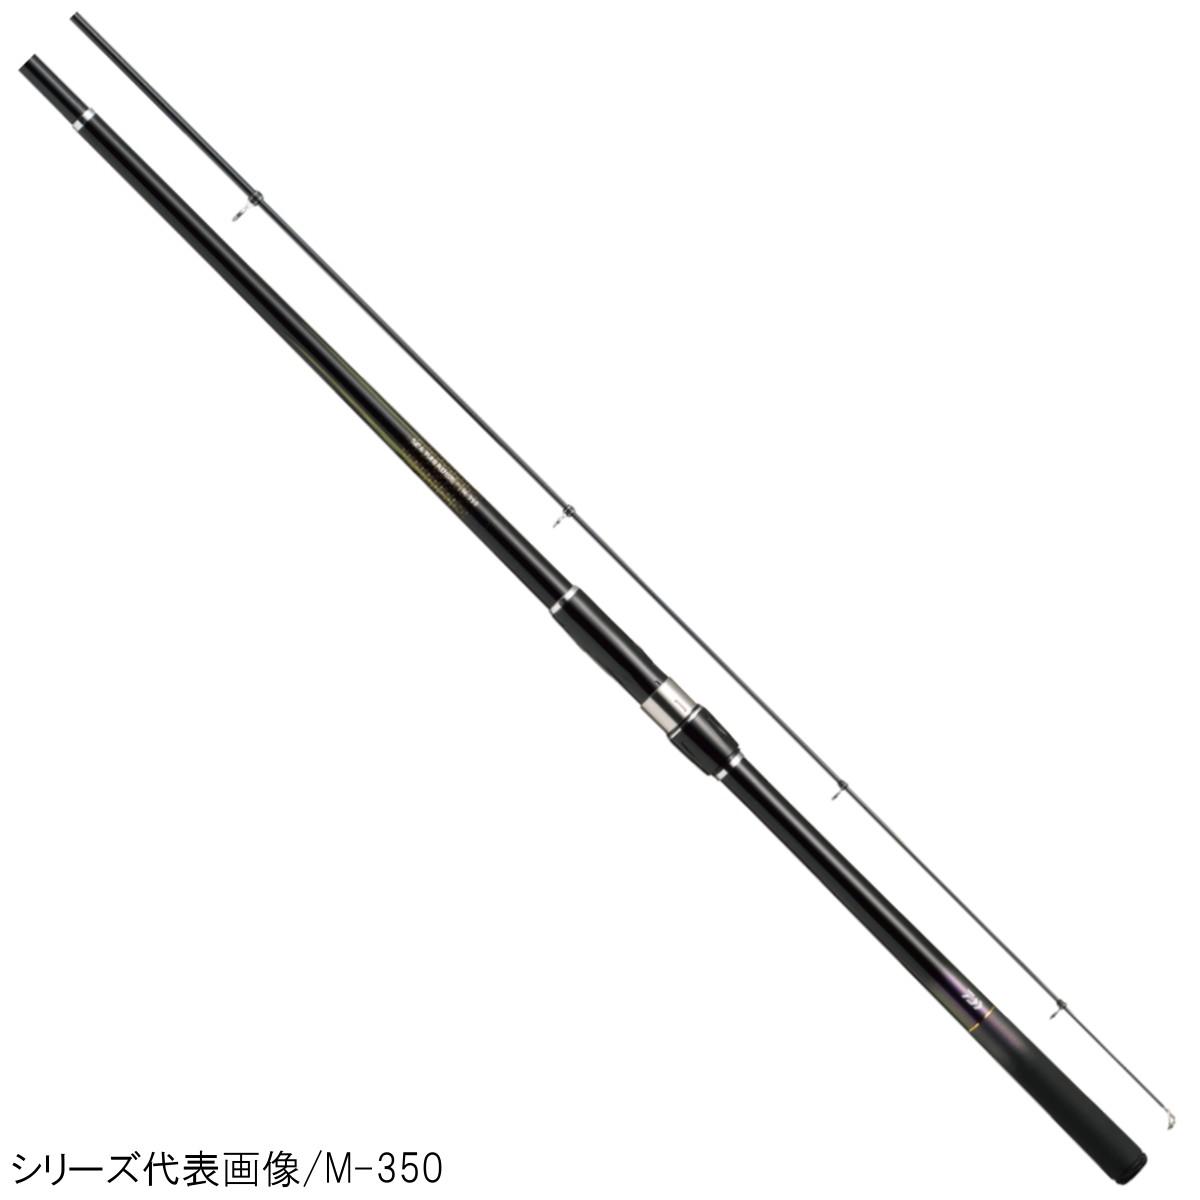 ダイワ シーパラダイス H-350・E